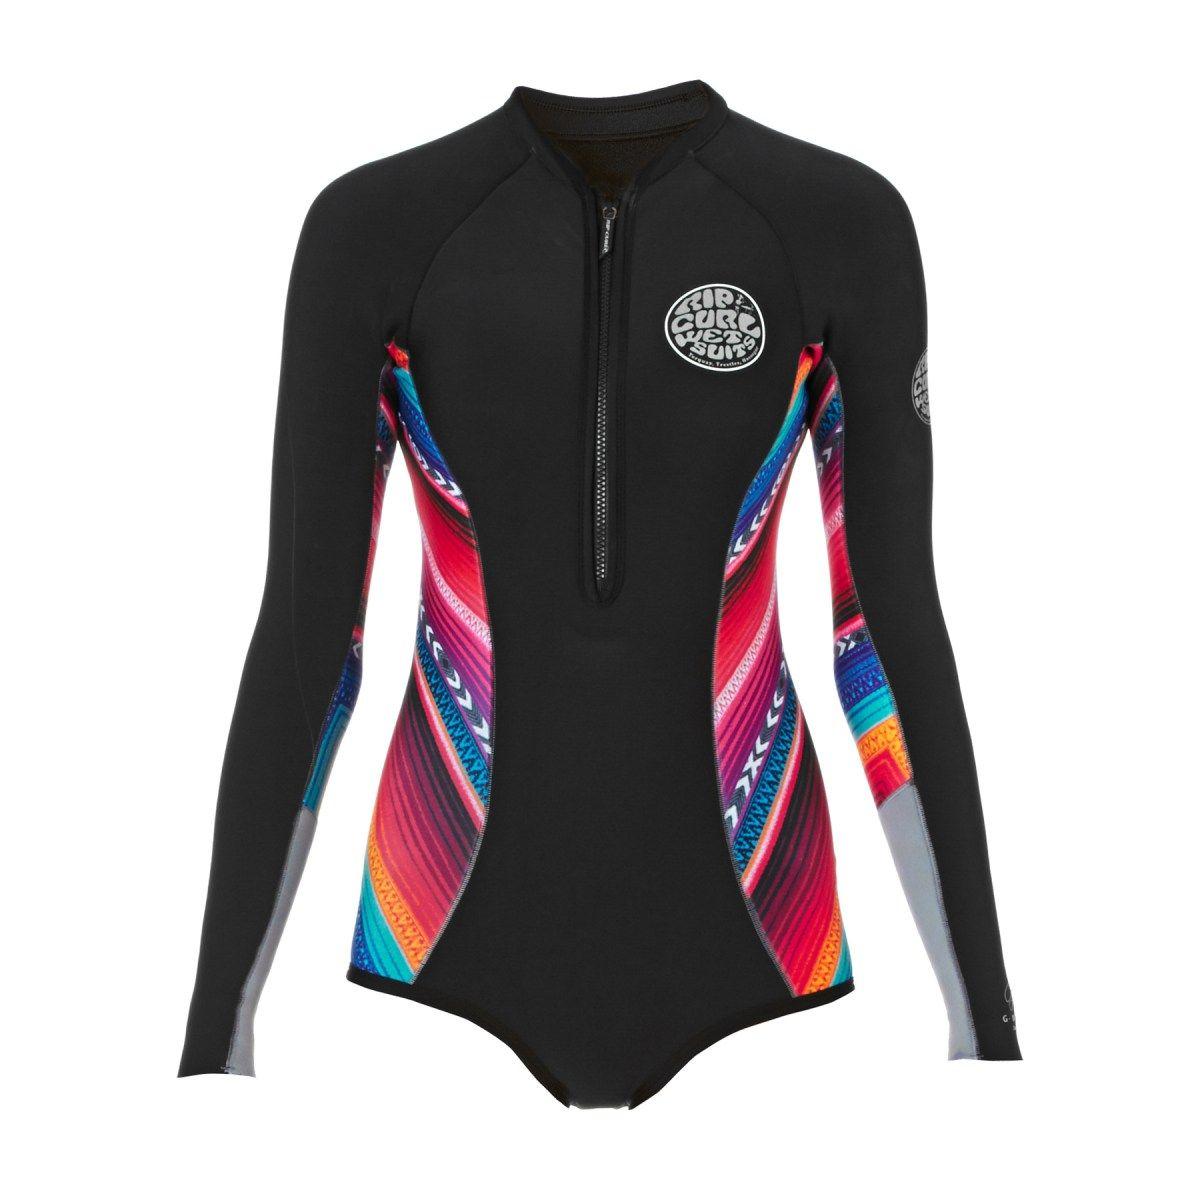 Easy Stretch Roxy Womens POP Surf 1mm Neoprene Wetsuit Jacket Black